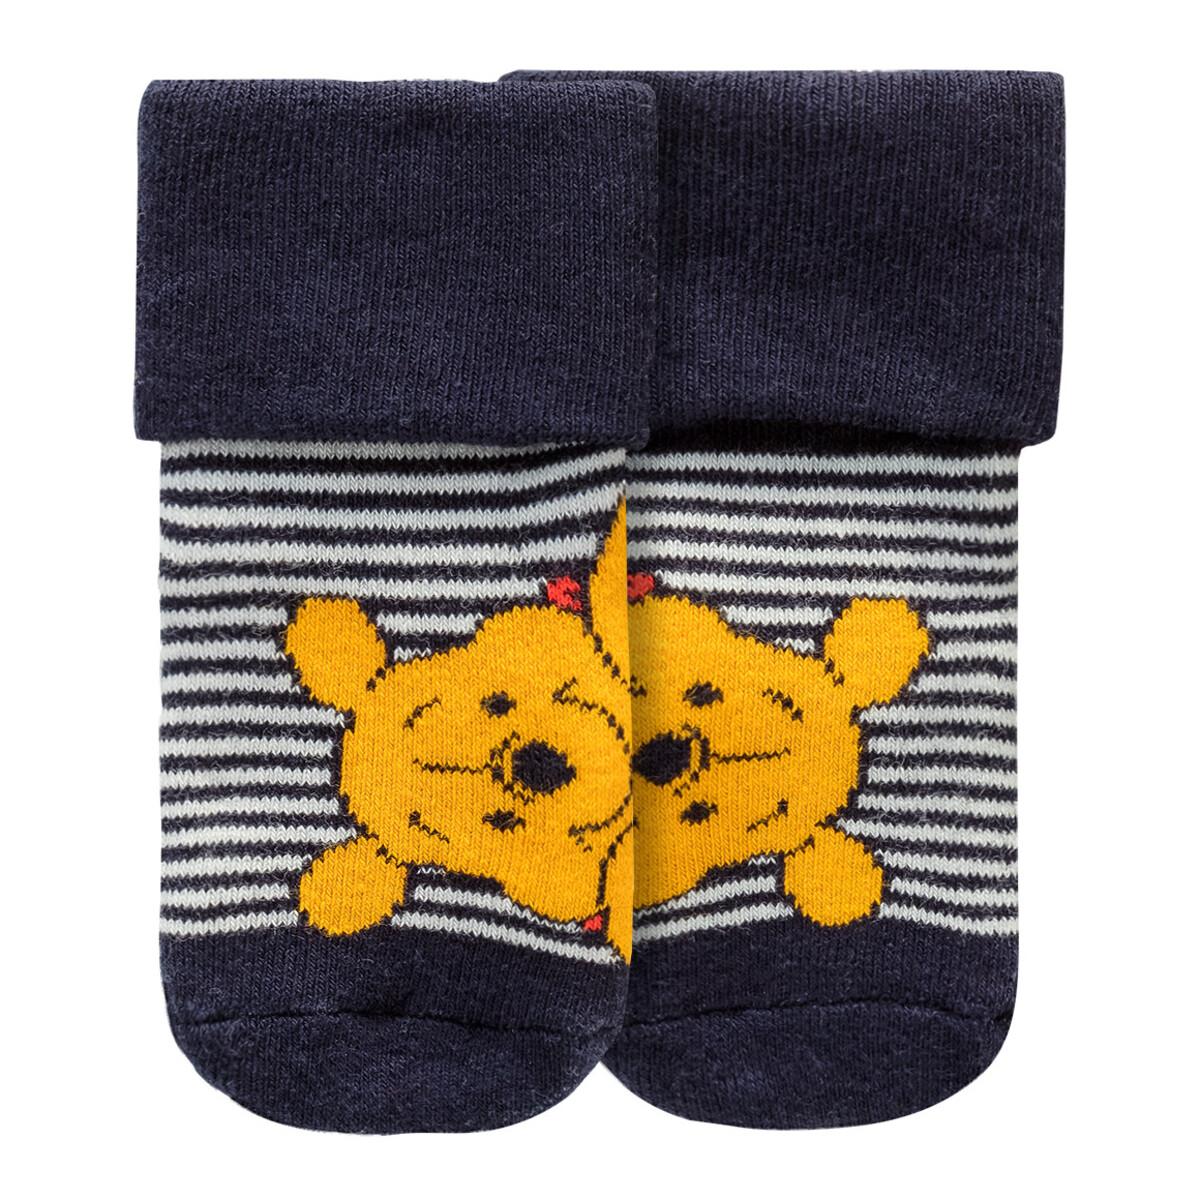 Bild 3 von 2 Paar Winnie Puuh Newborn Socken im Set